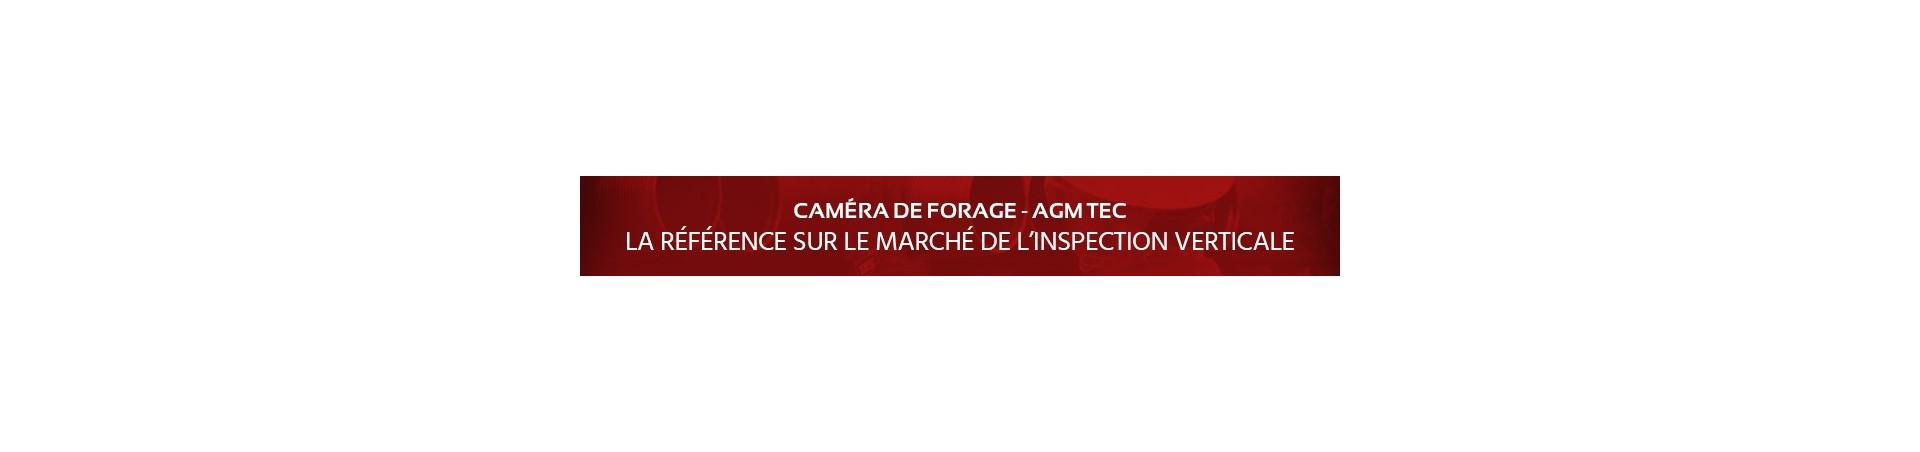 Caméras d'inspection de forage - Découvrez toutes les caméras d'inspection verticales disponibles chez AGM TEC - Fabricant de caméras d'inspection depuis 2004